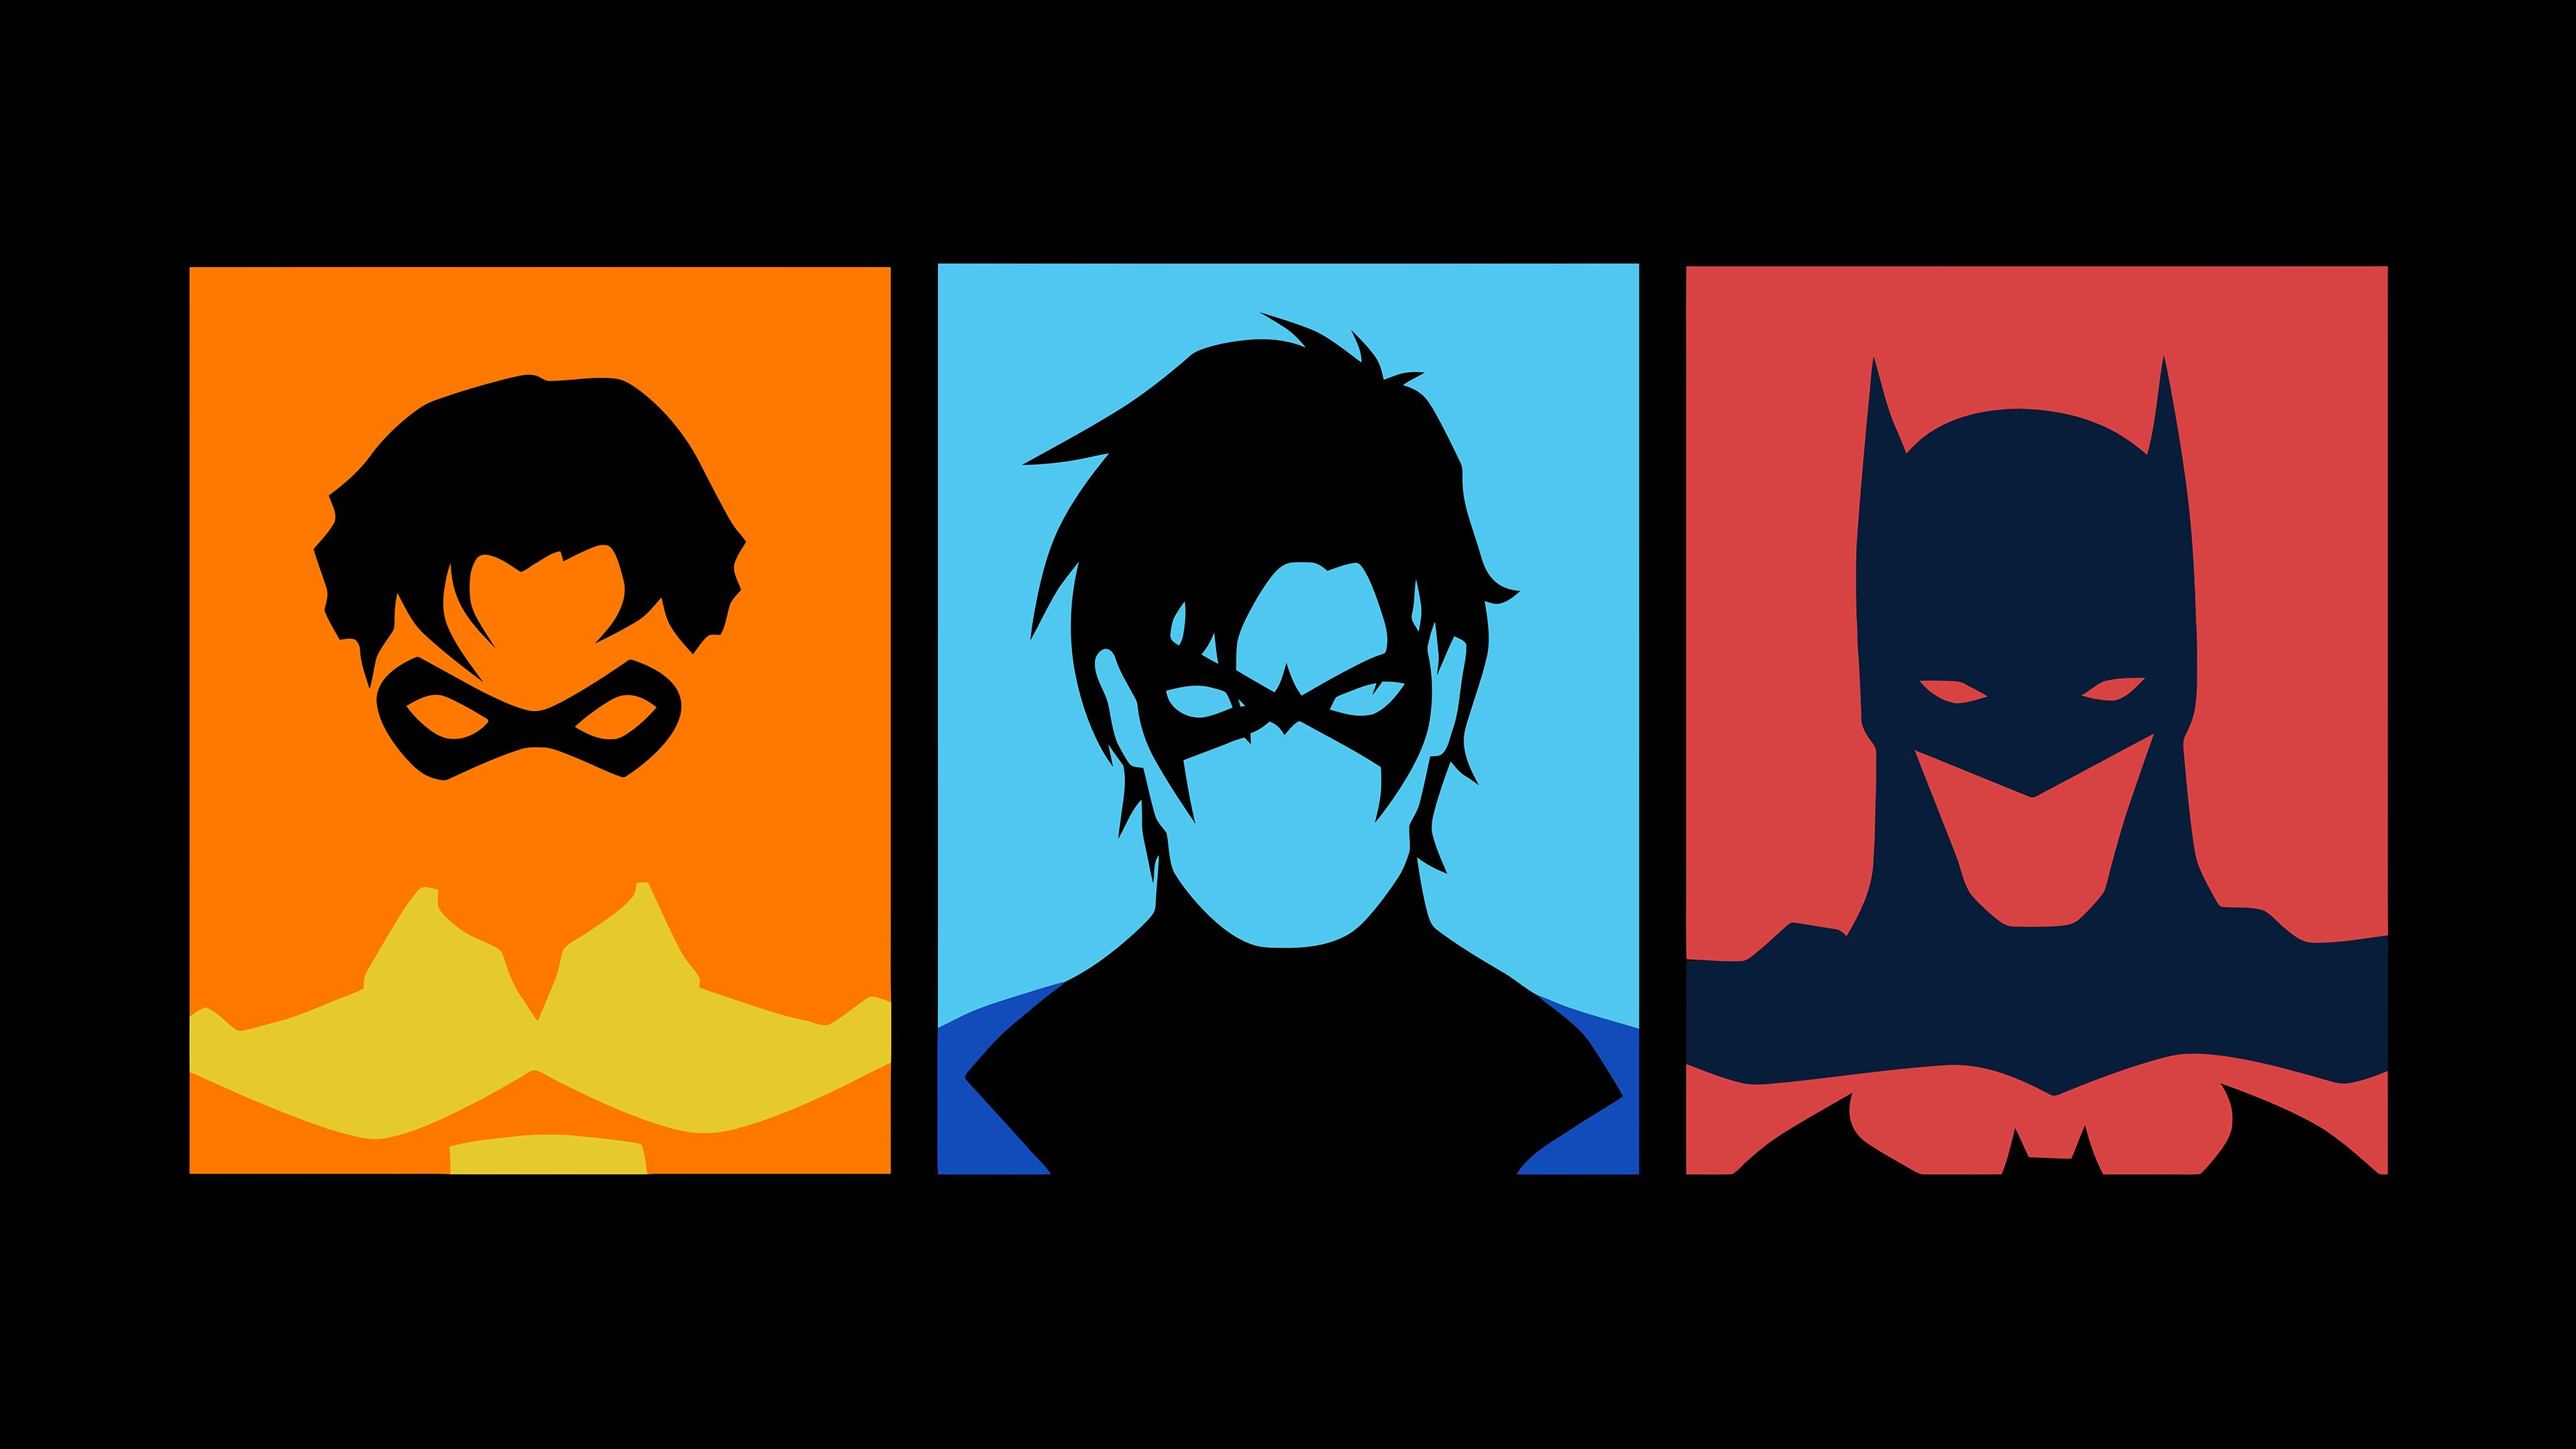 3840x2160 Robin, Nightwing, Batman (Vector) [3840 X 2160]